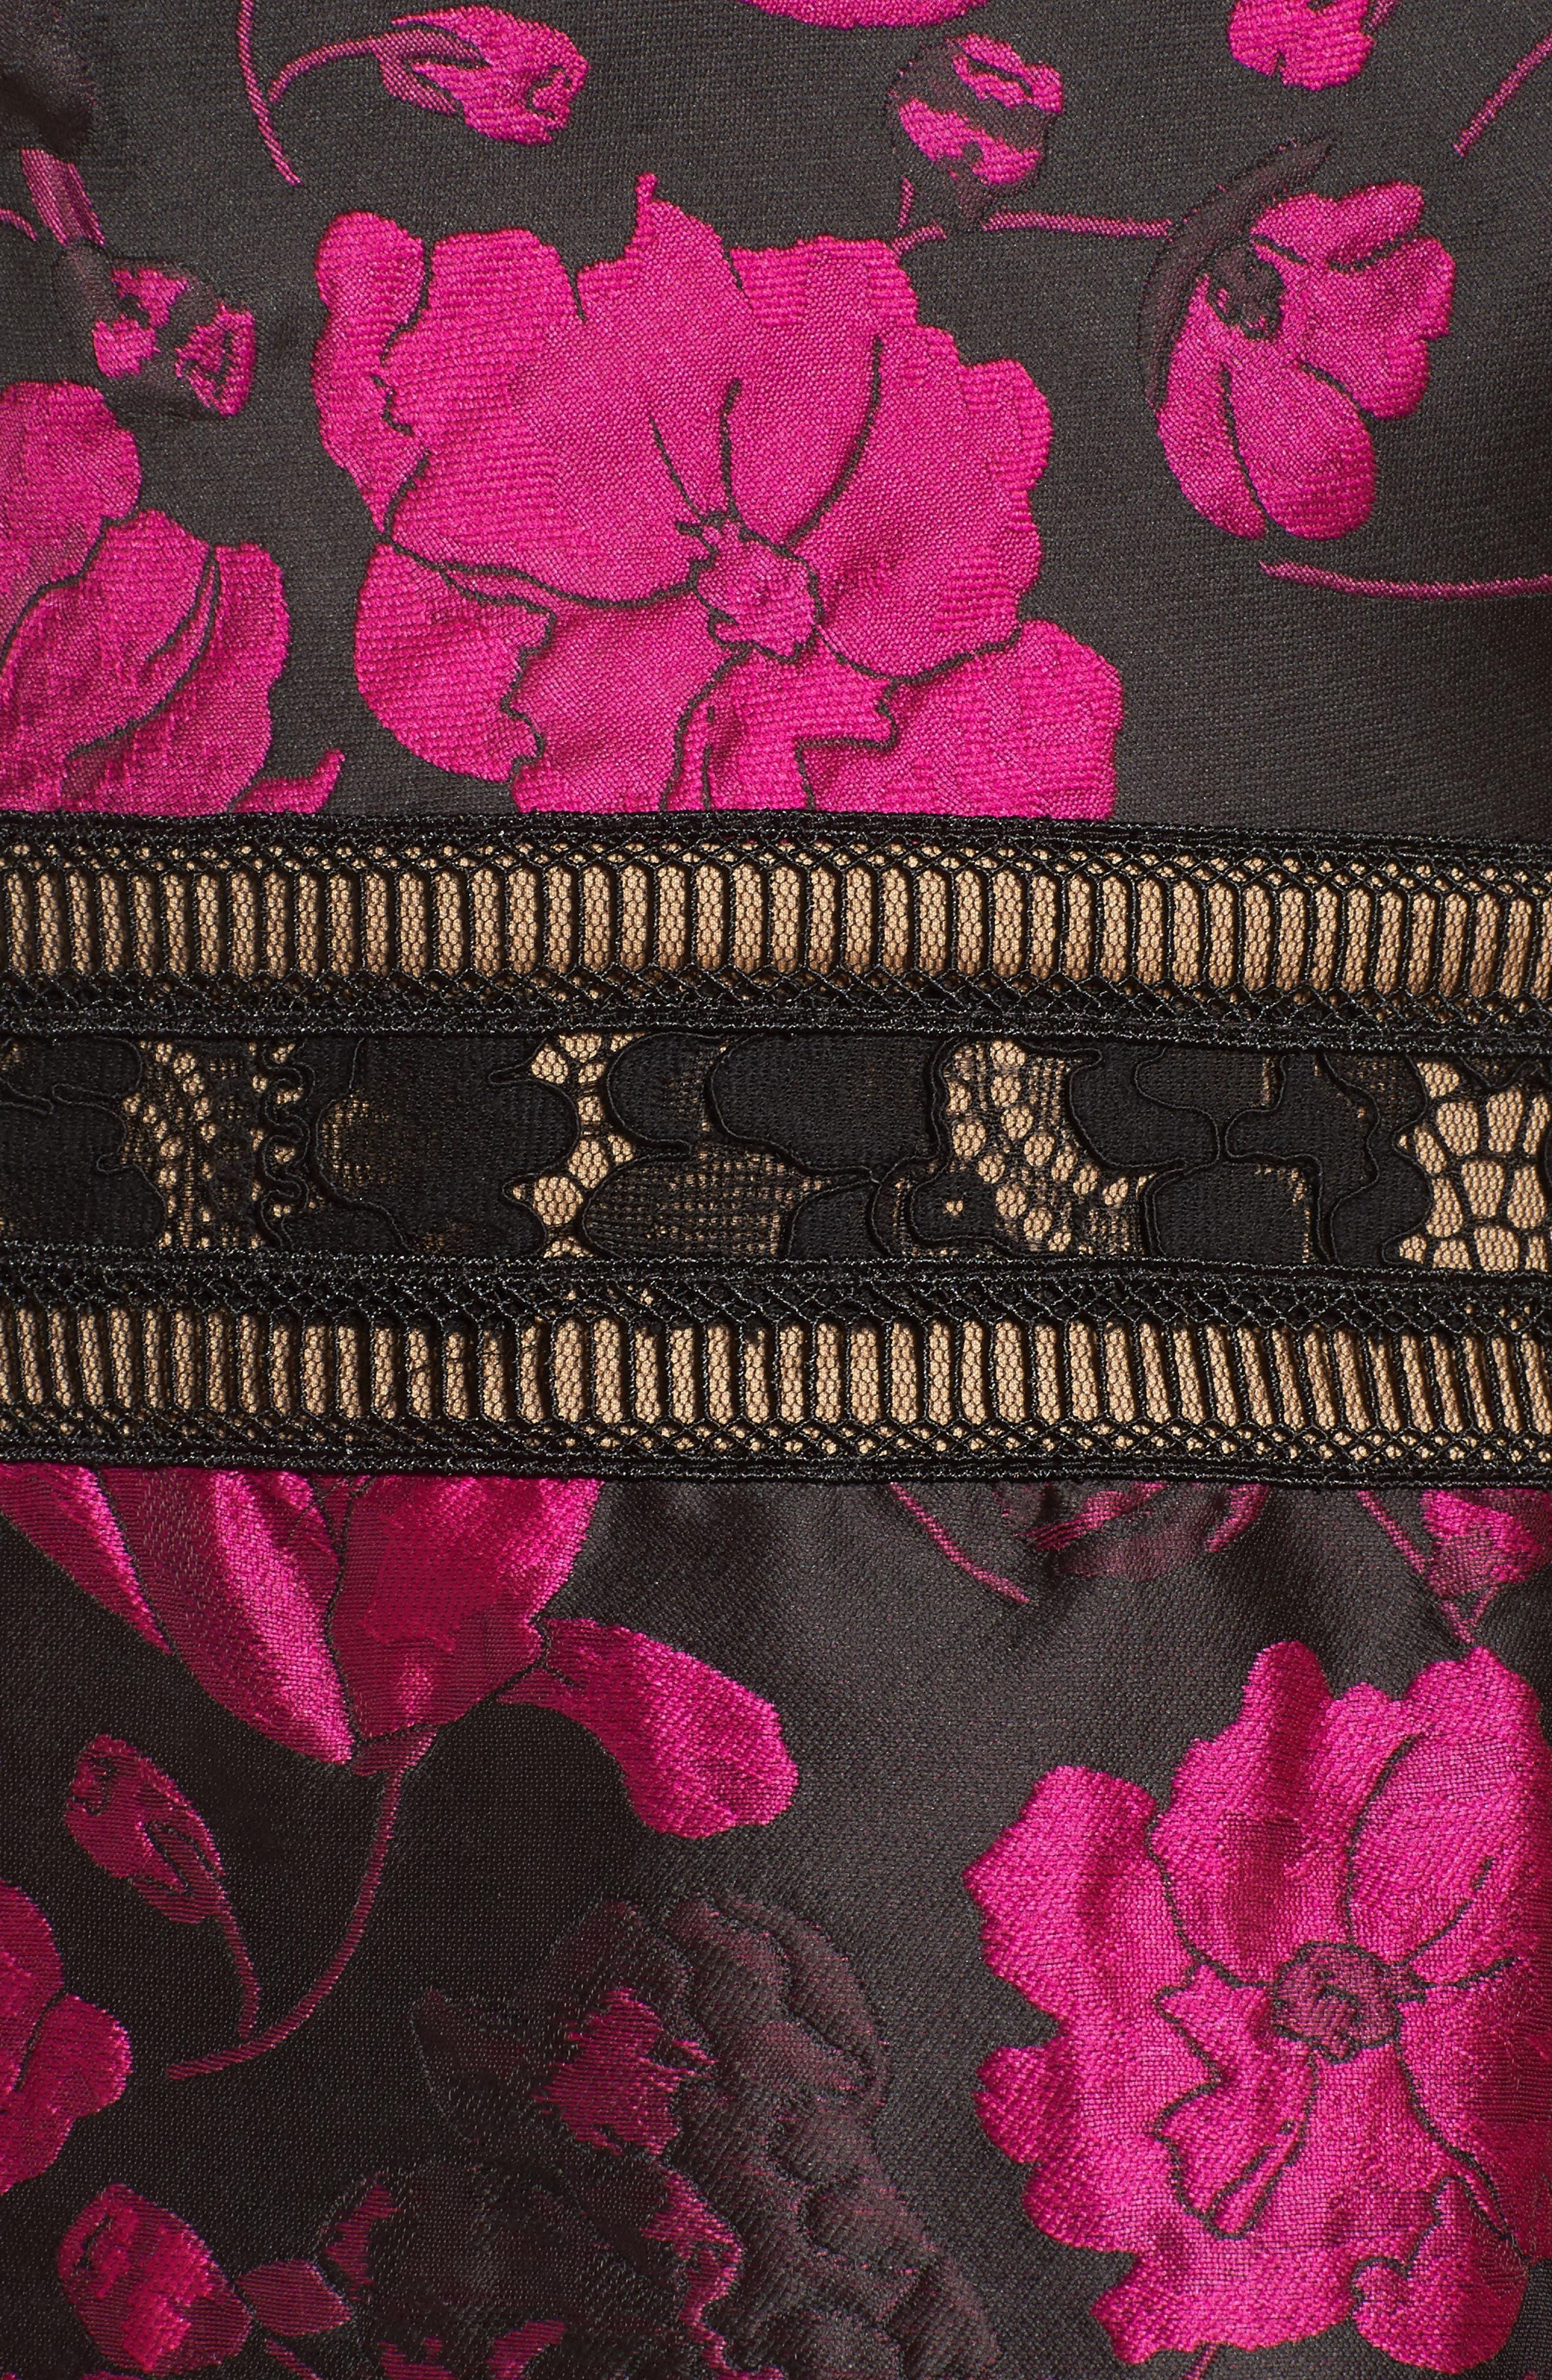 Lace Trim Rose Jacquard Midi Dress,                             Alternate thumbnail 5, color,                             Fuchsia/ Black